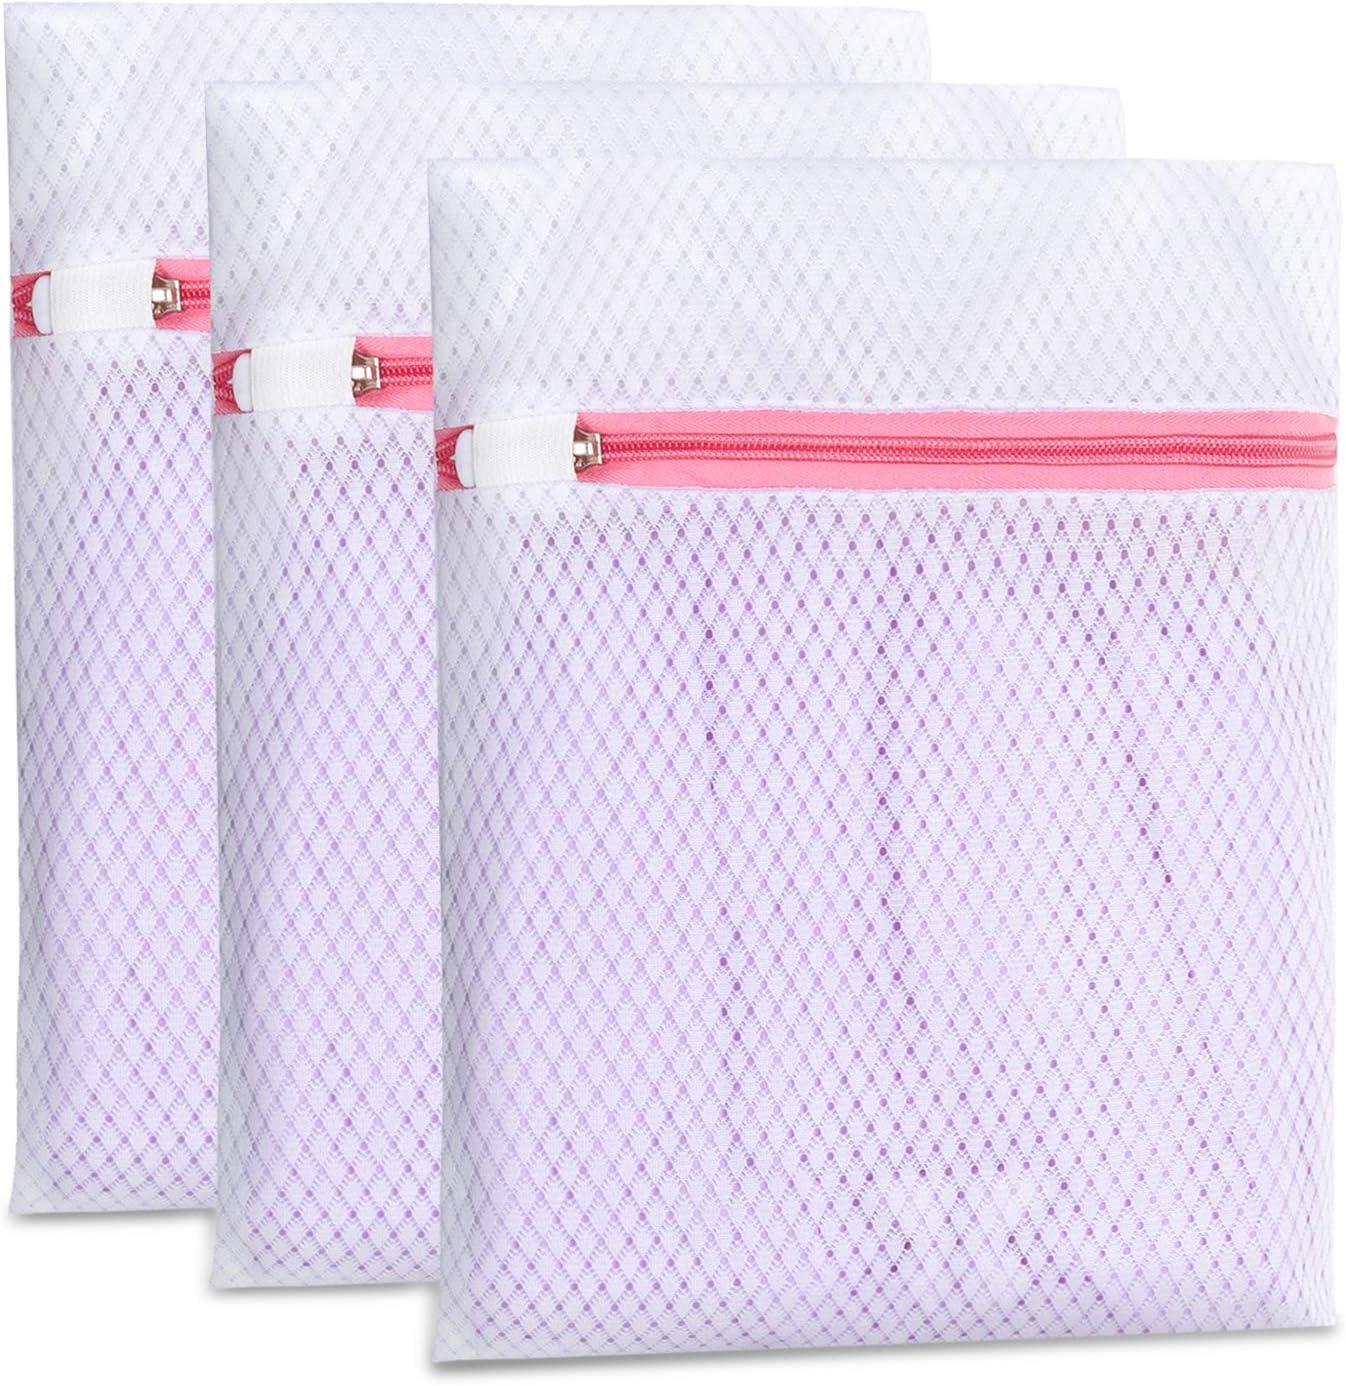 Pack de 3 bolsas pequeñas de malla para ropa delicadas y lencería, 125 g/m², bolsa de lavandería para lavadora, calcetines, ropa interior, bragas, organización de viajes